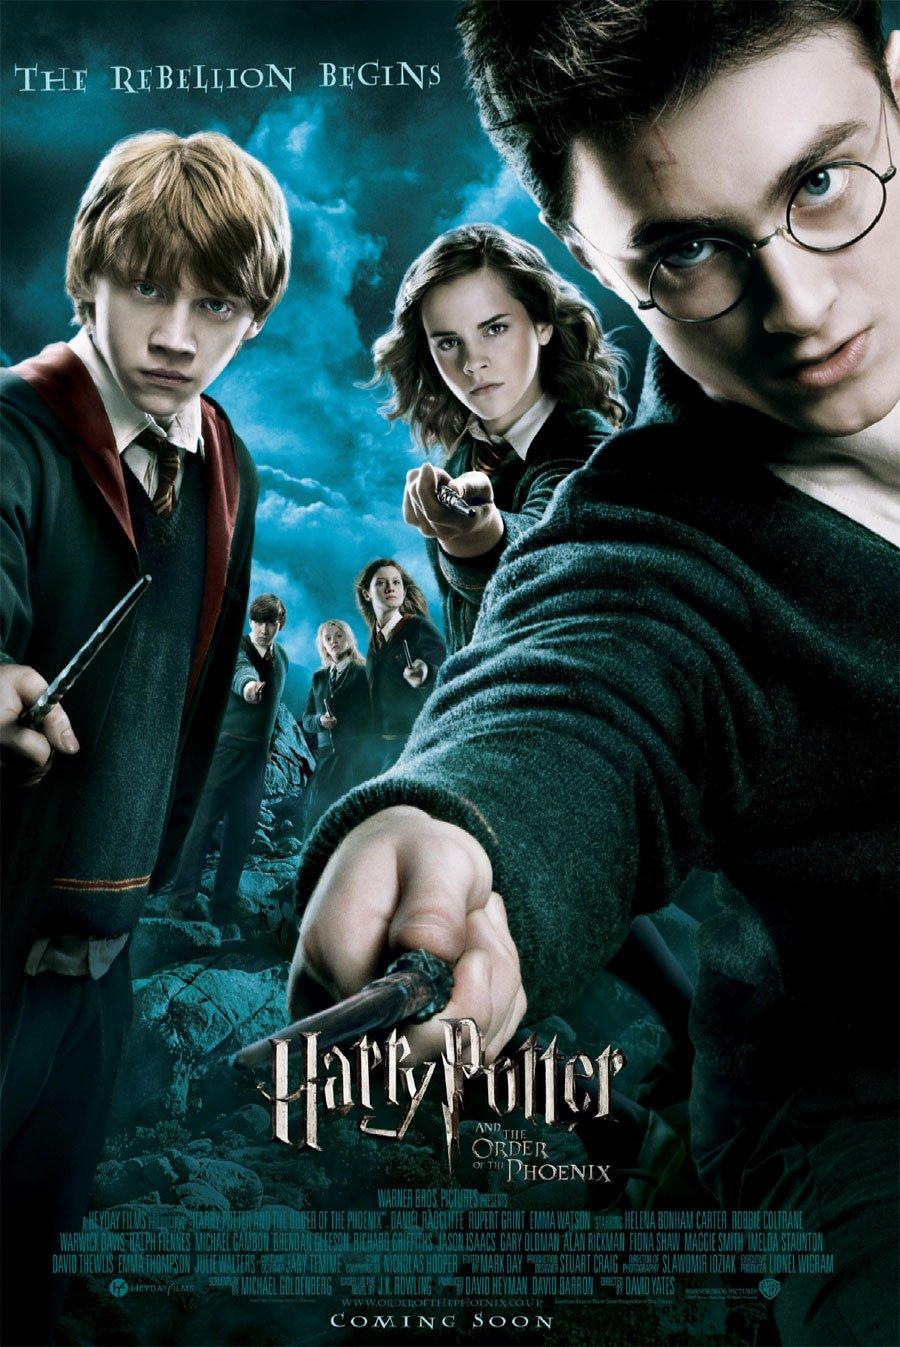 «Гарри Поттер Смотреть Мультфильм» — 2005